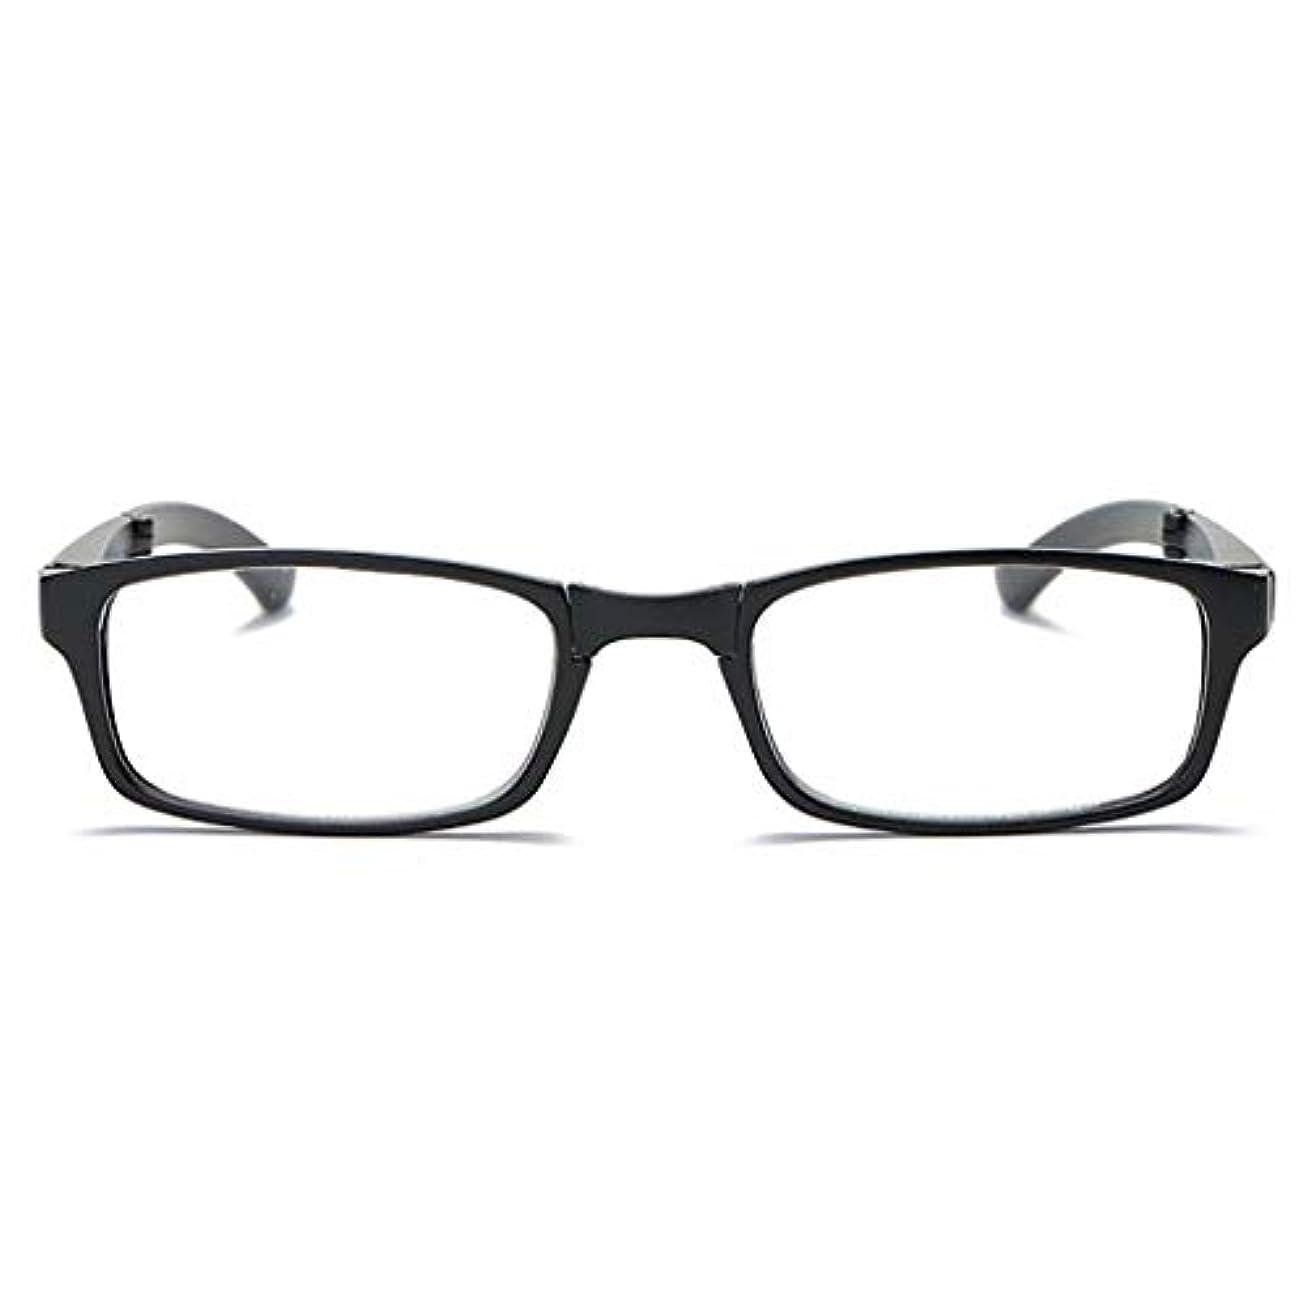 折りたたみ老眼鏡,ポータブル 完全なフレームの読者 伸縮バネ足 ミニ革ミラー ボックス ユニ-黒 +2.5